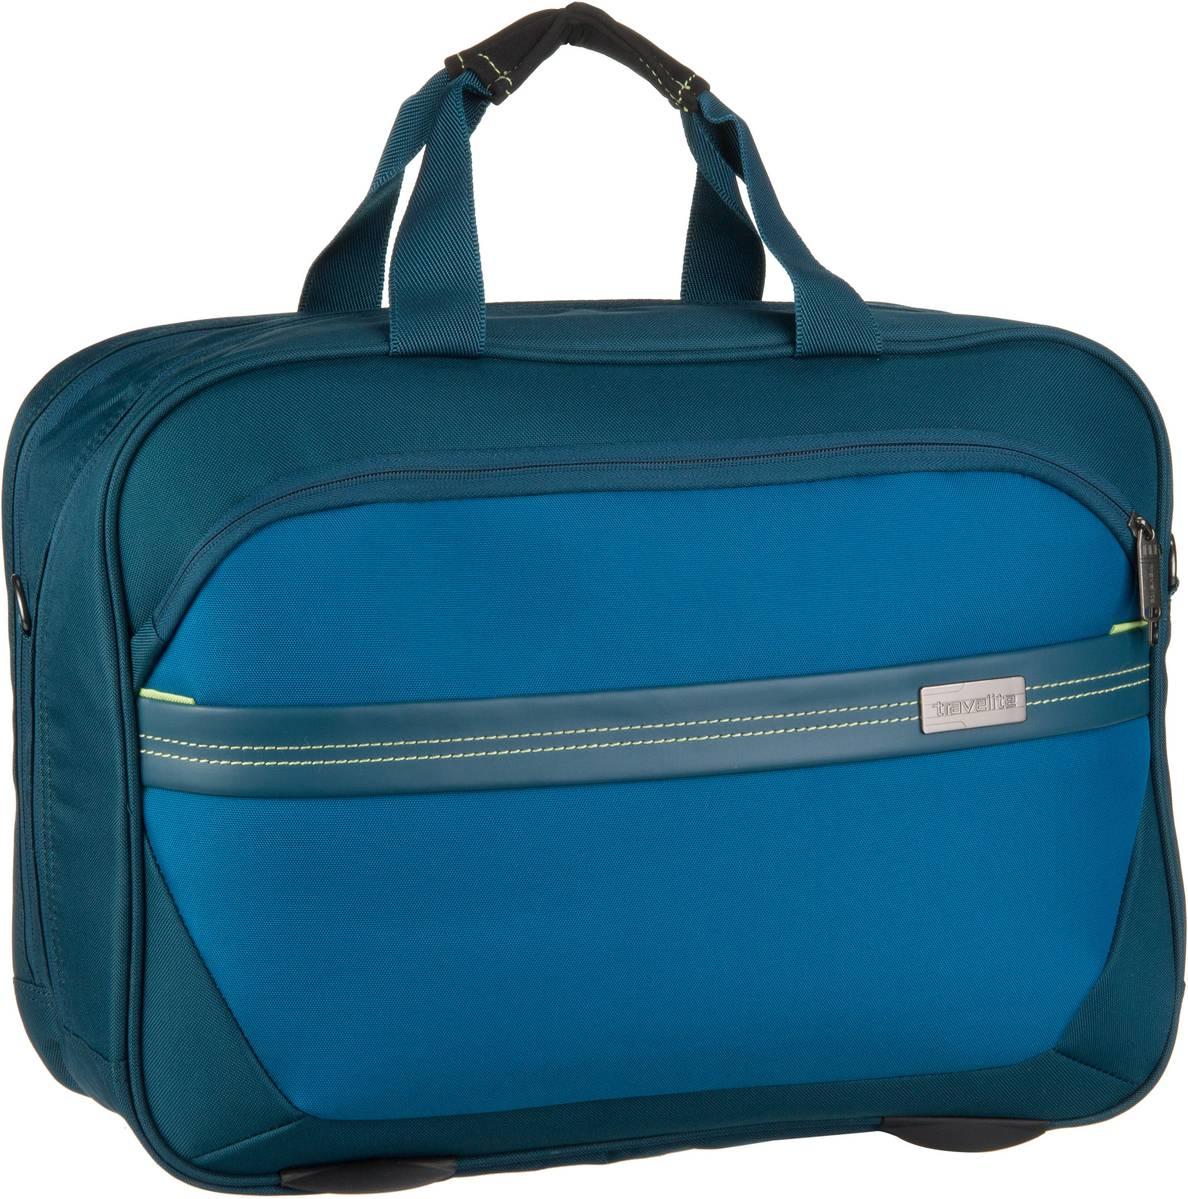 Businesstaschen für Frauen - travelite Aktentasche Meteor Bordtasche Petrol  - Onlineshop Taschenkaufhaus